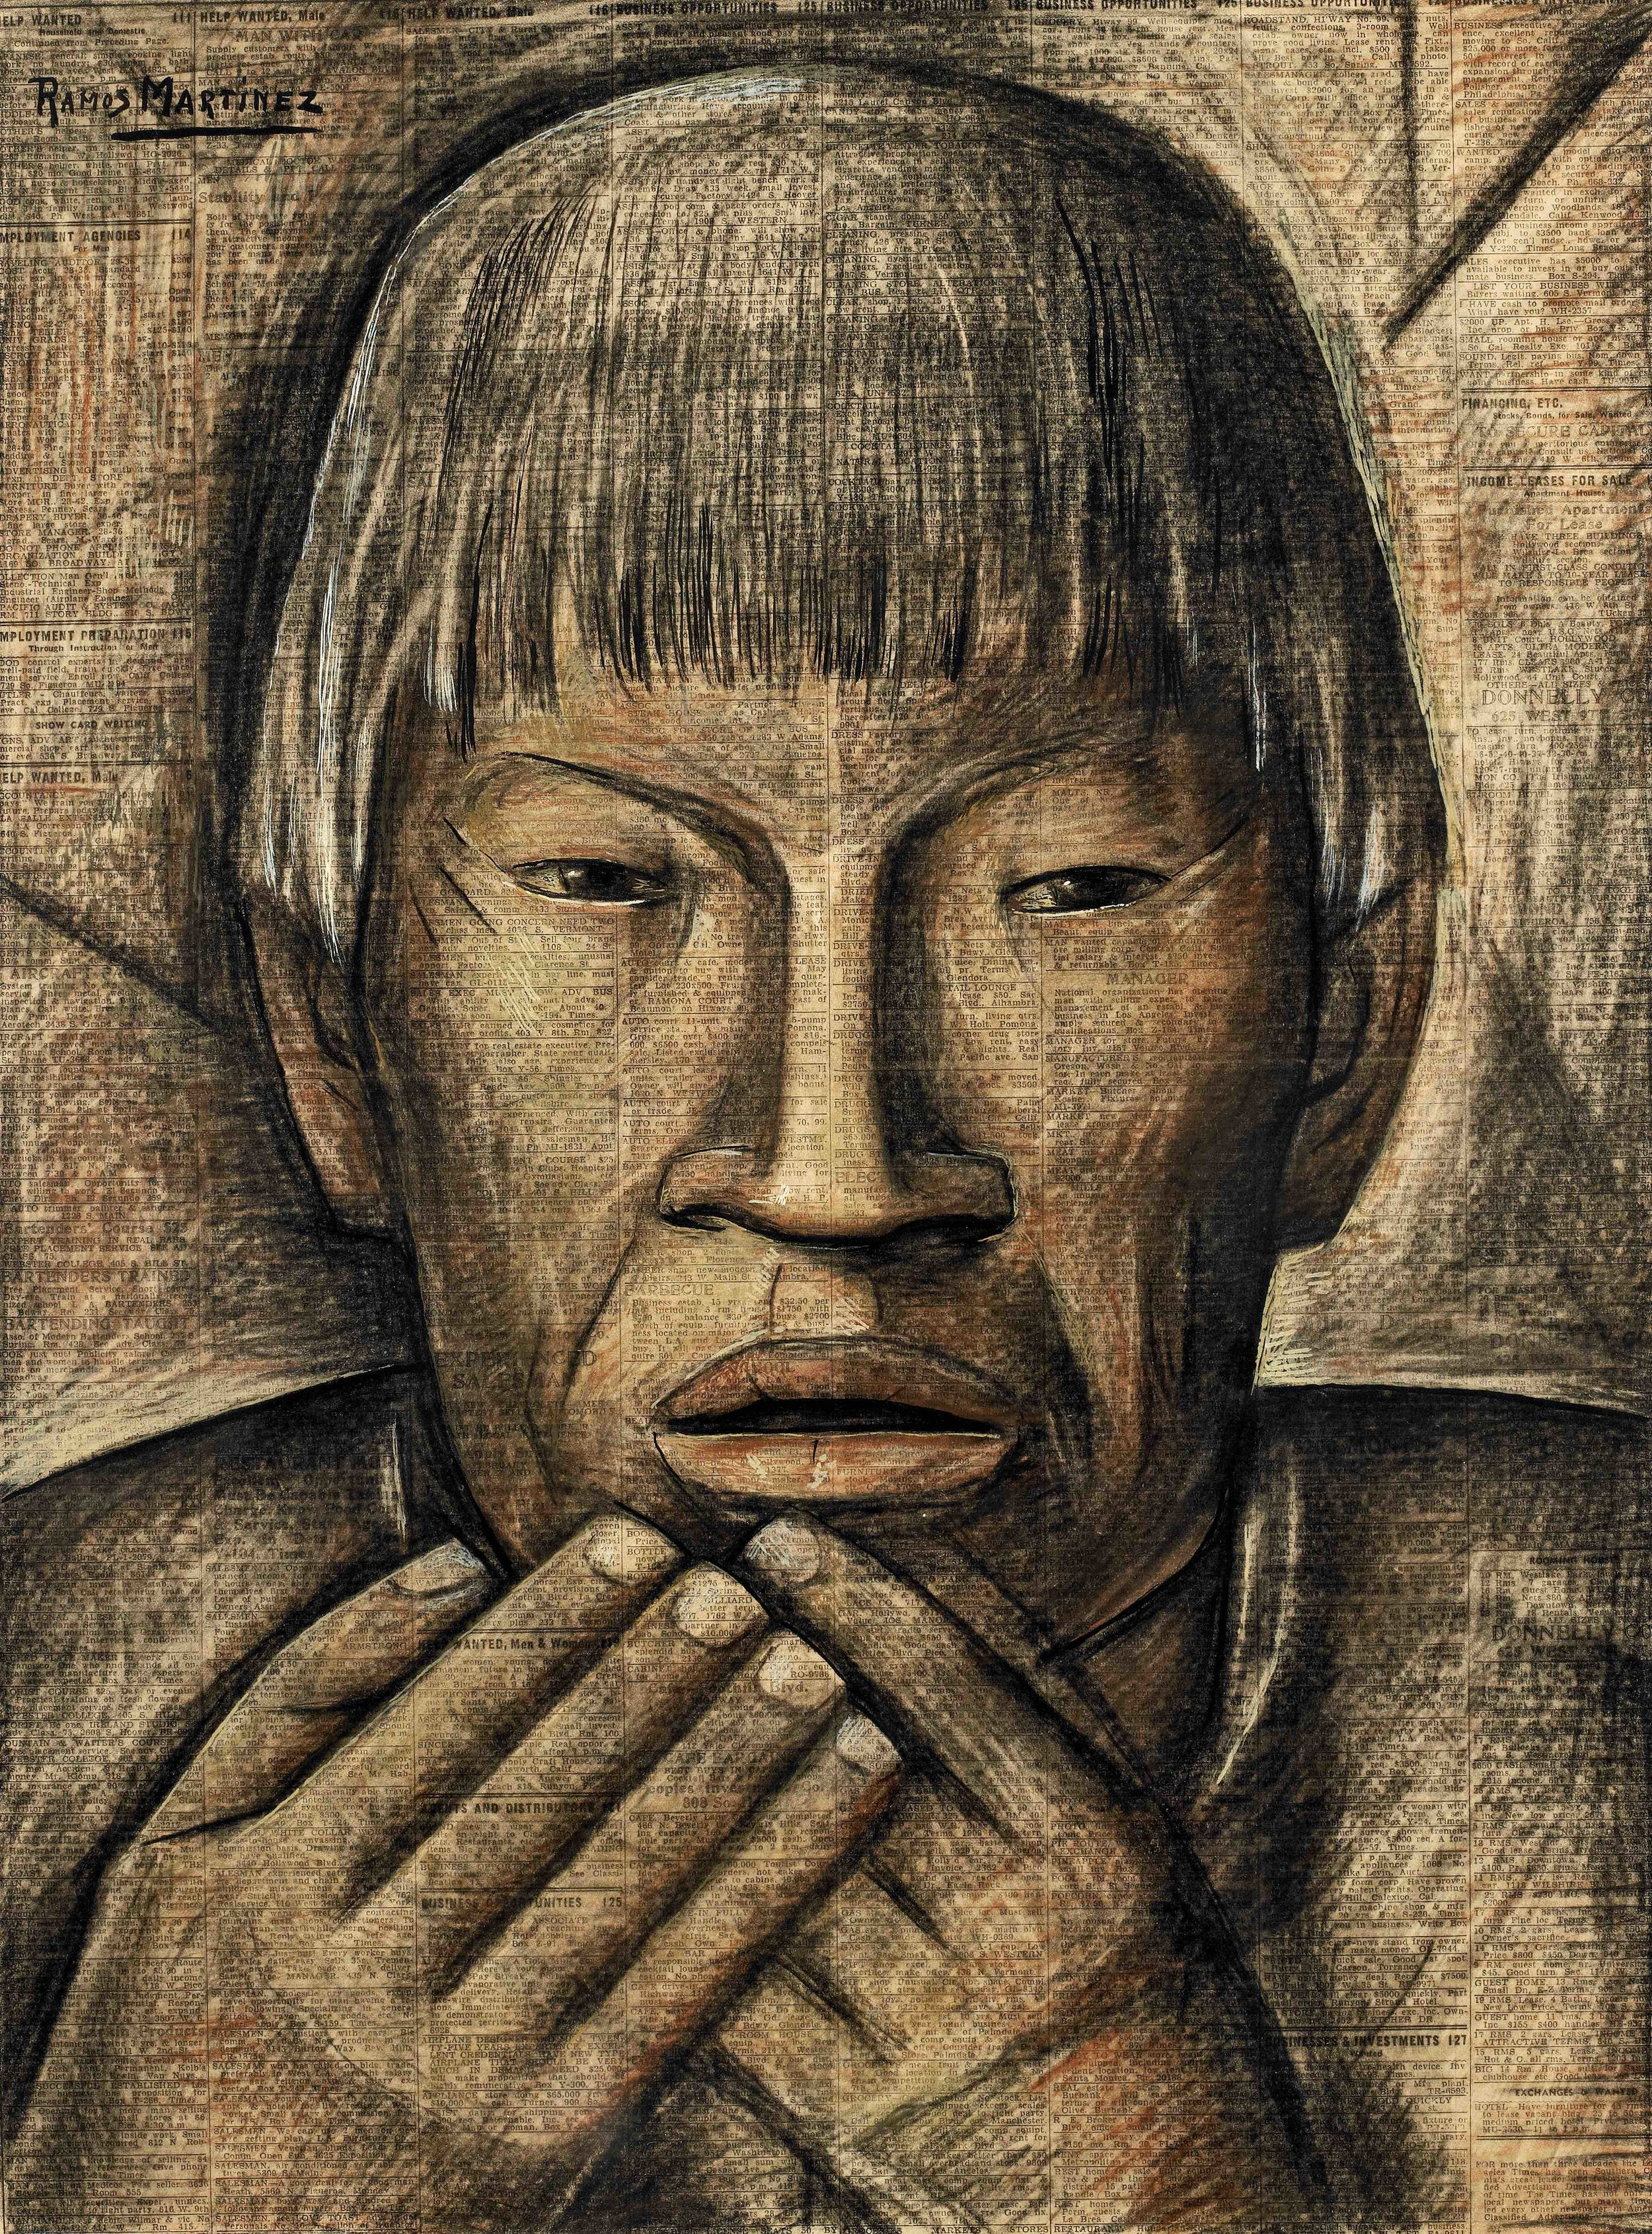 El Más Viejo del Pueblo / The Oldest Man in the Village  ca. 1935 tempera and Conté crayon on newsprint / temple y crayon Conté sobre papel periódico ( Los Angeles Times ) 21.1 x 15.6 inches / 53.7 x 39.7 centímetros Private collection